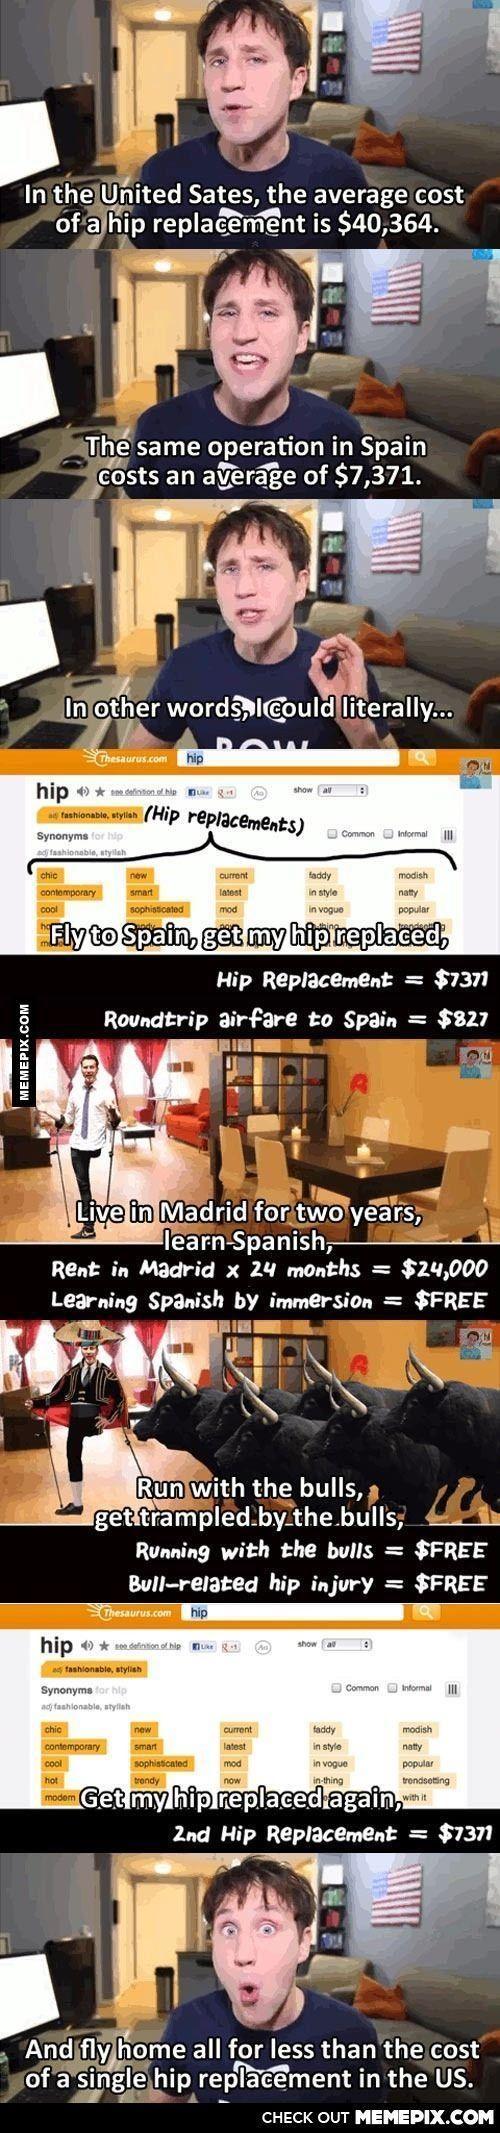 hip replacement(geht diese rechnung auf?) – Mix